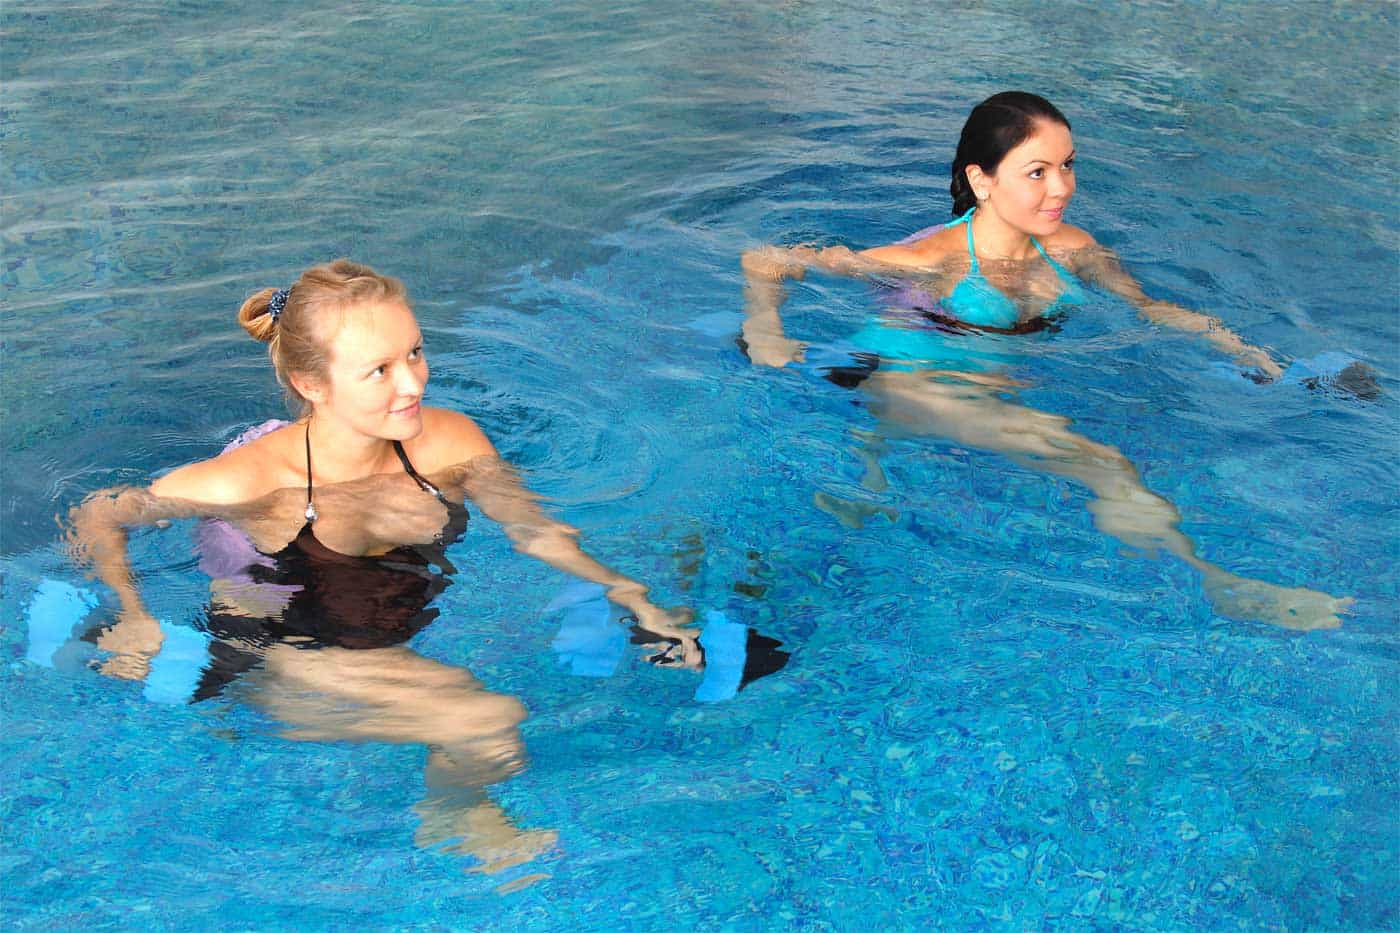 ejercicios acuaticos para adelgazar piernas